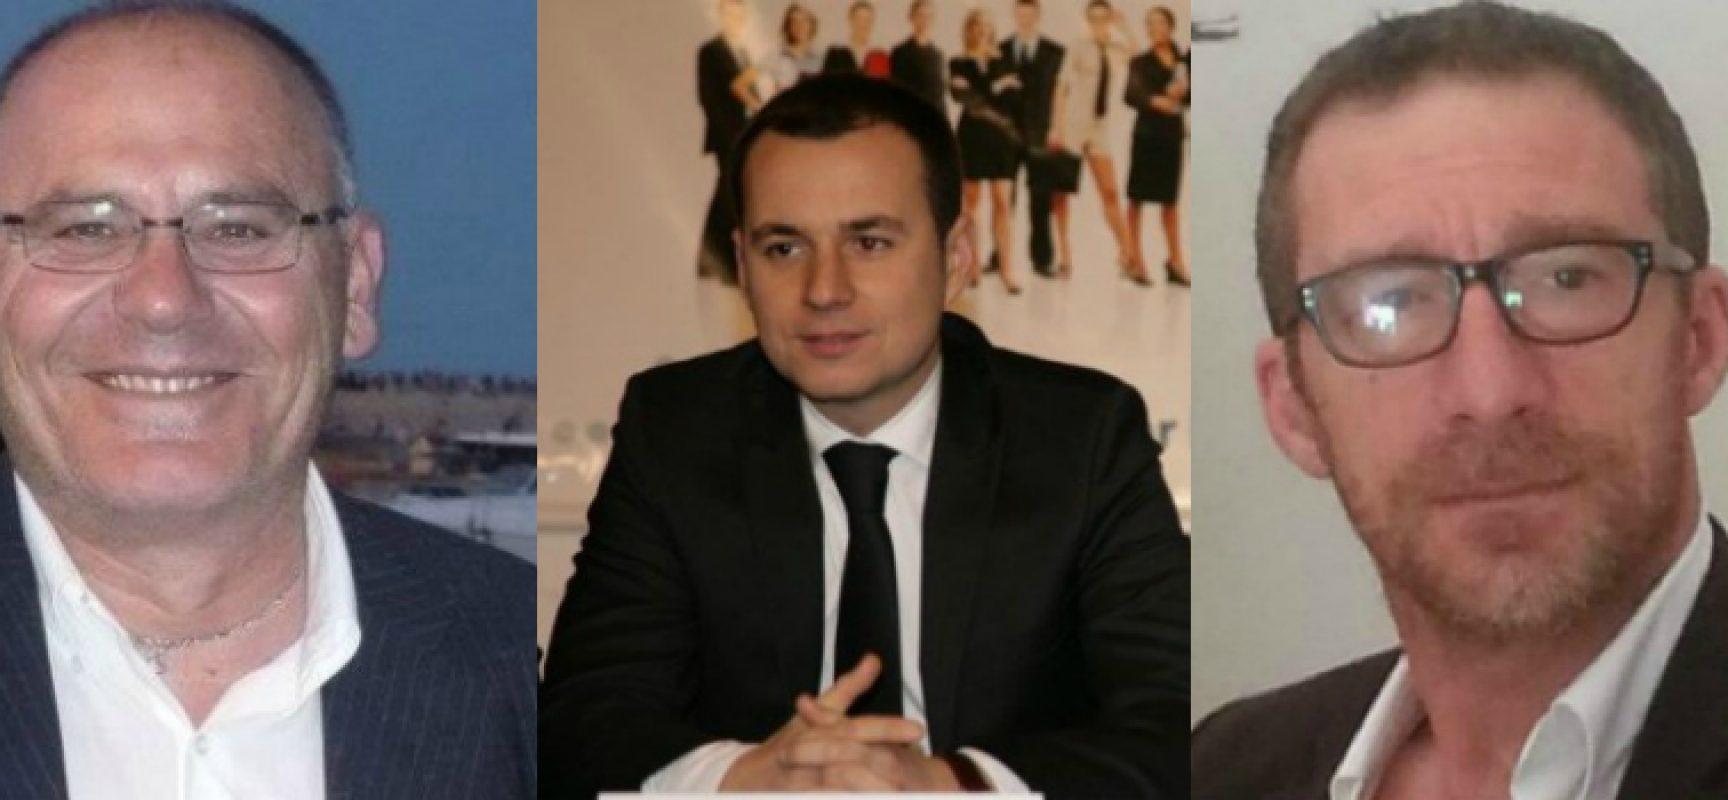 Dopo i botta e risposta, tempo di chiarimenti tra Russo, Pietro Casella e Ricchiuti